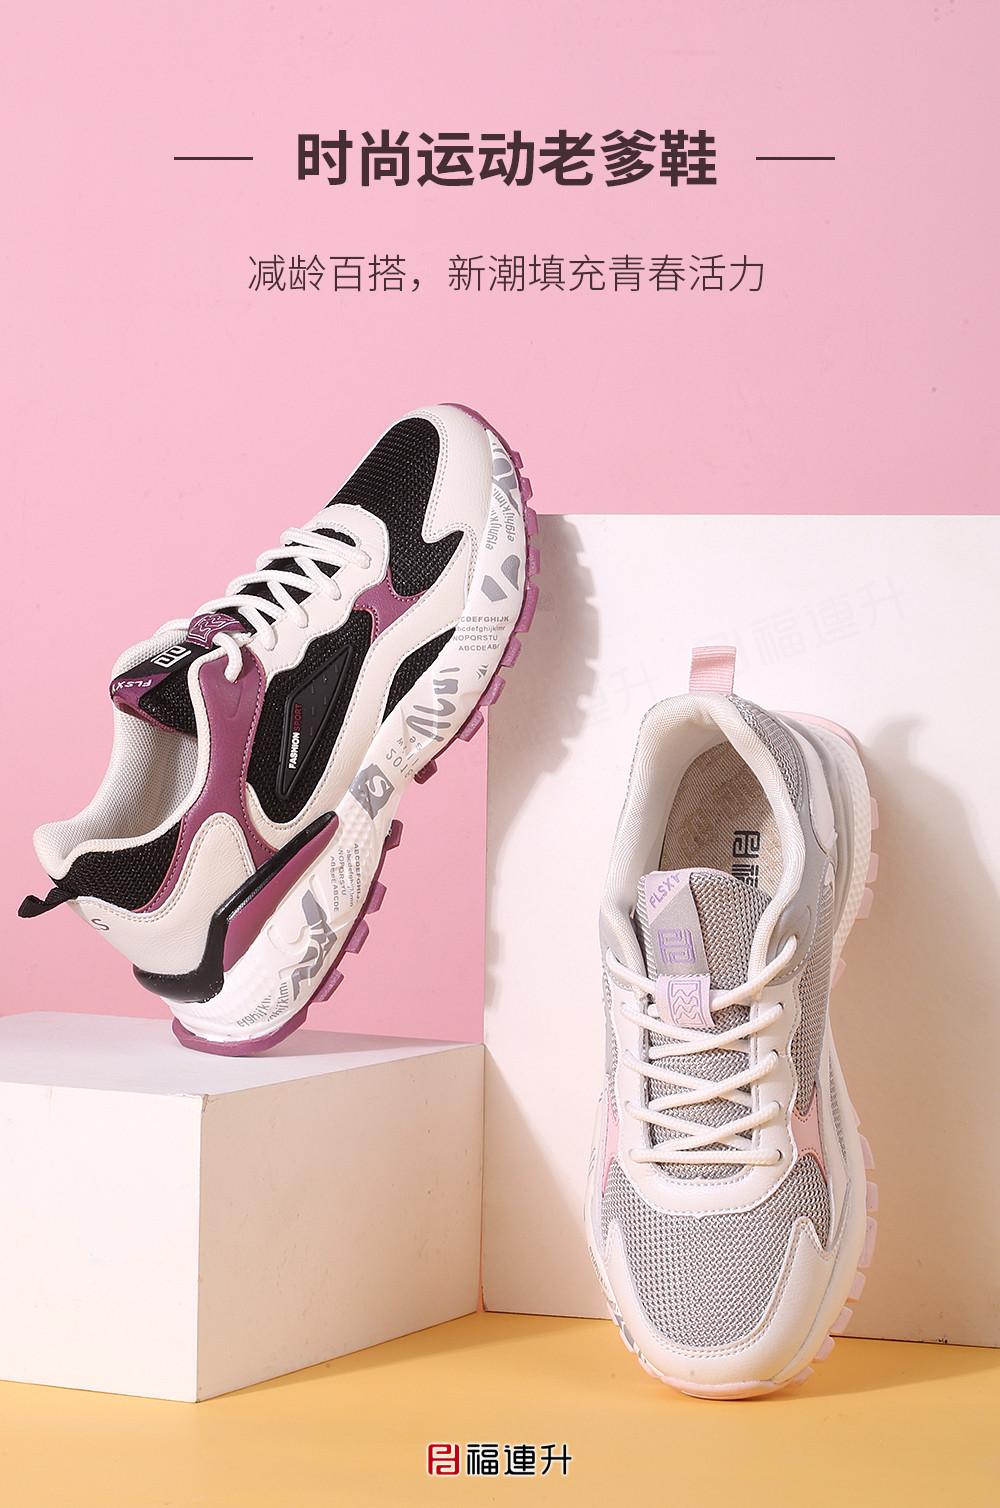 福连升秋季撞色轻便休闲运动女鞋透气轻便单鞋图片